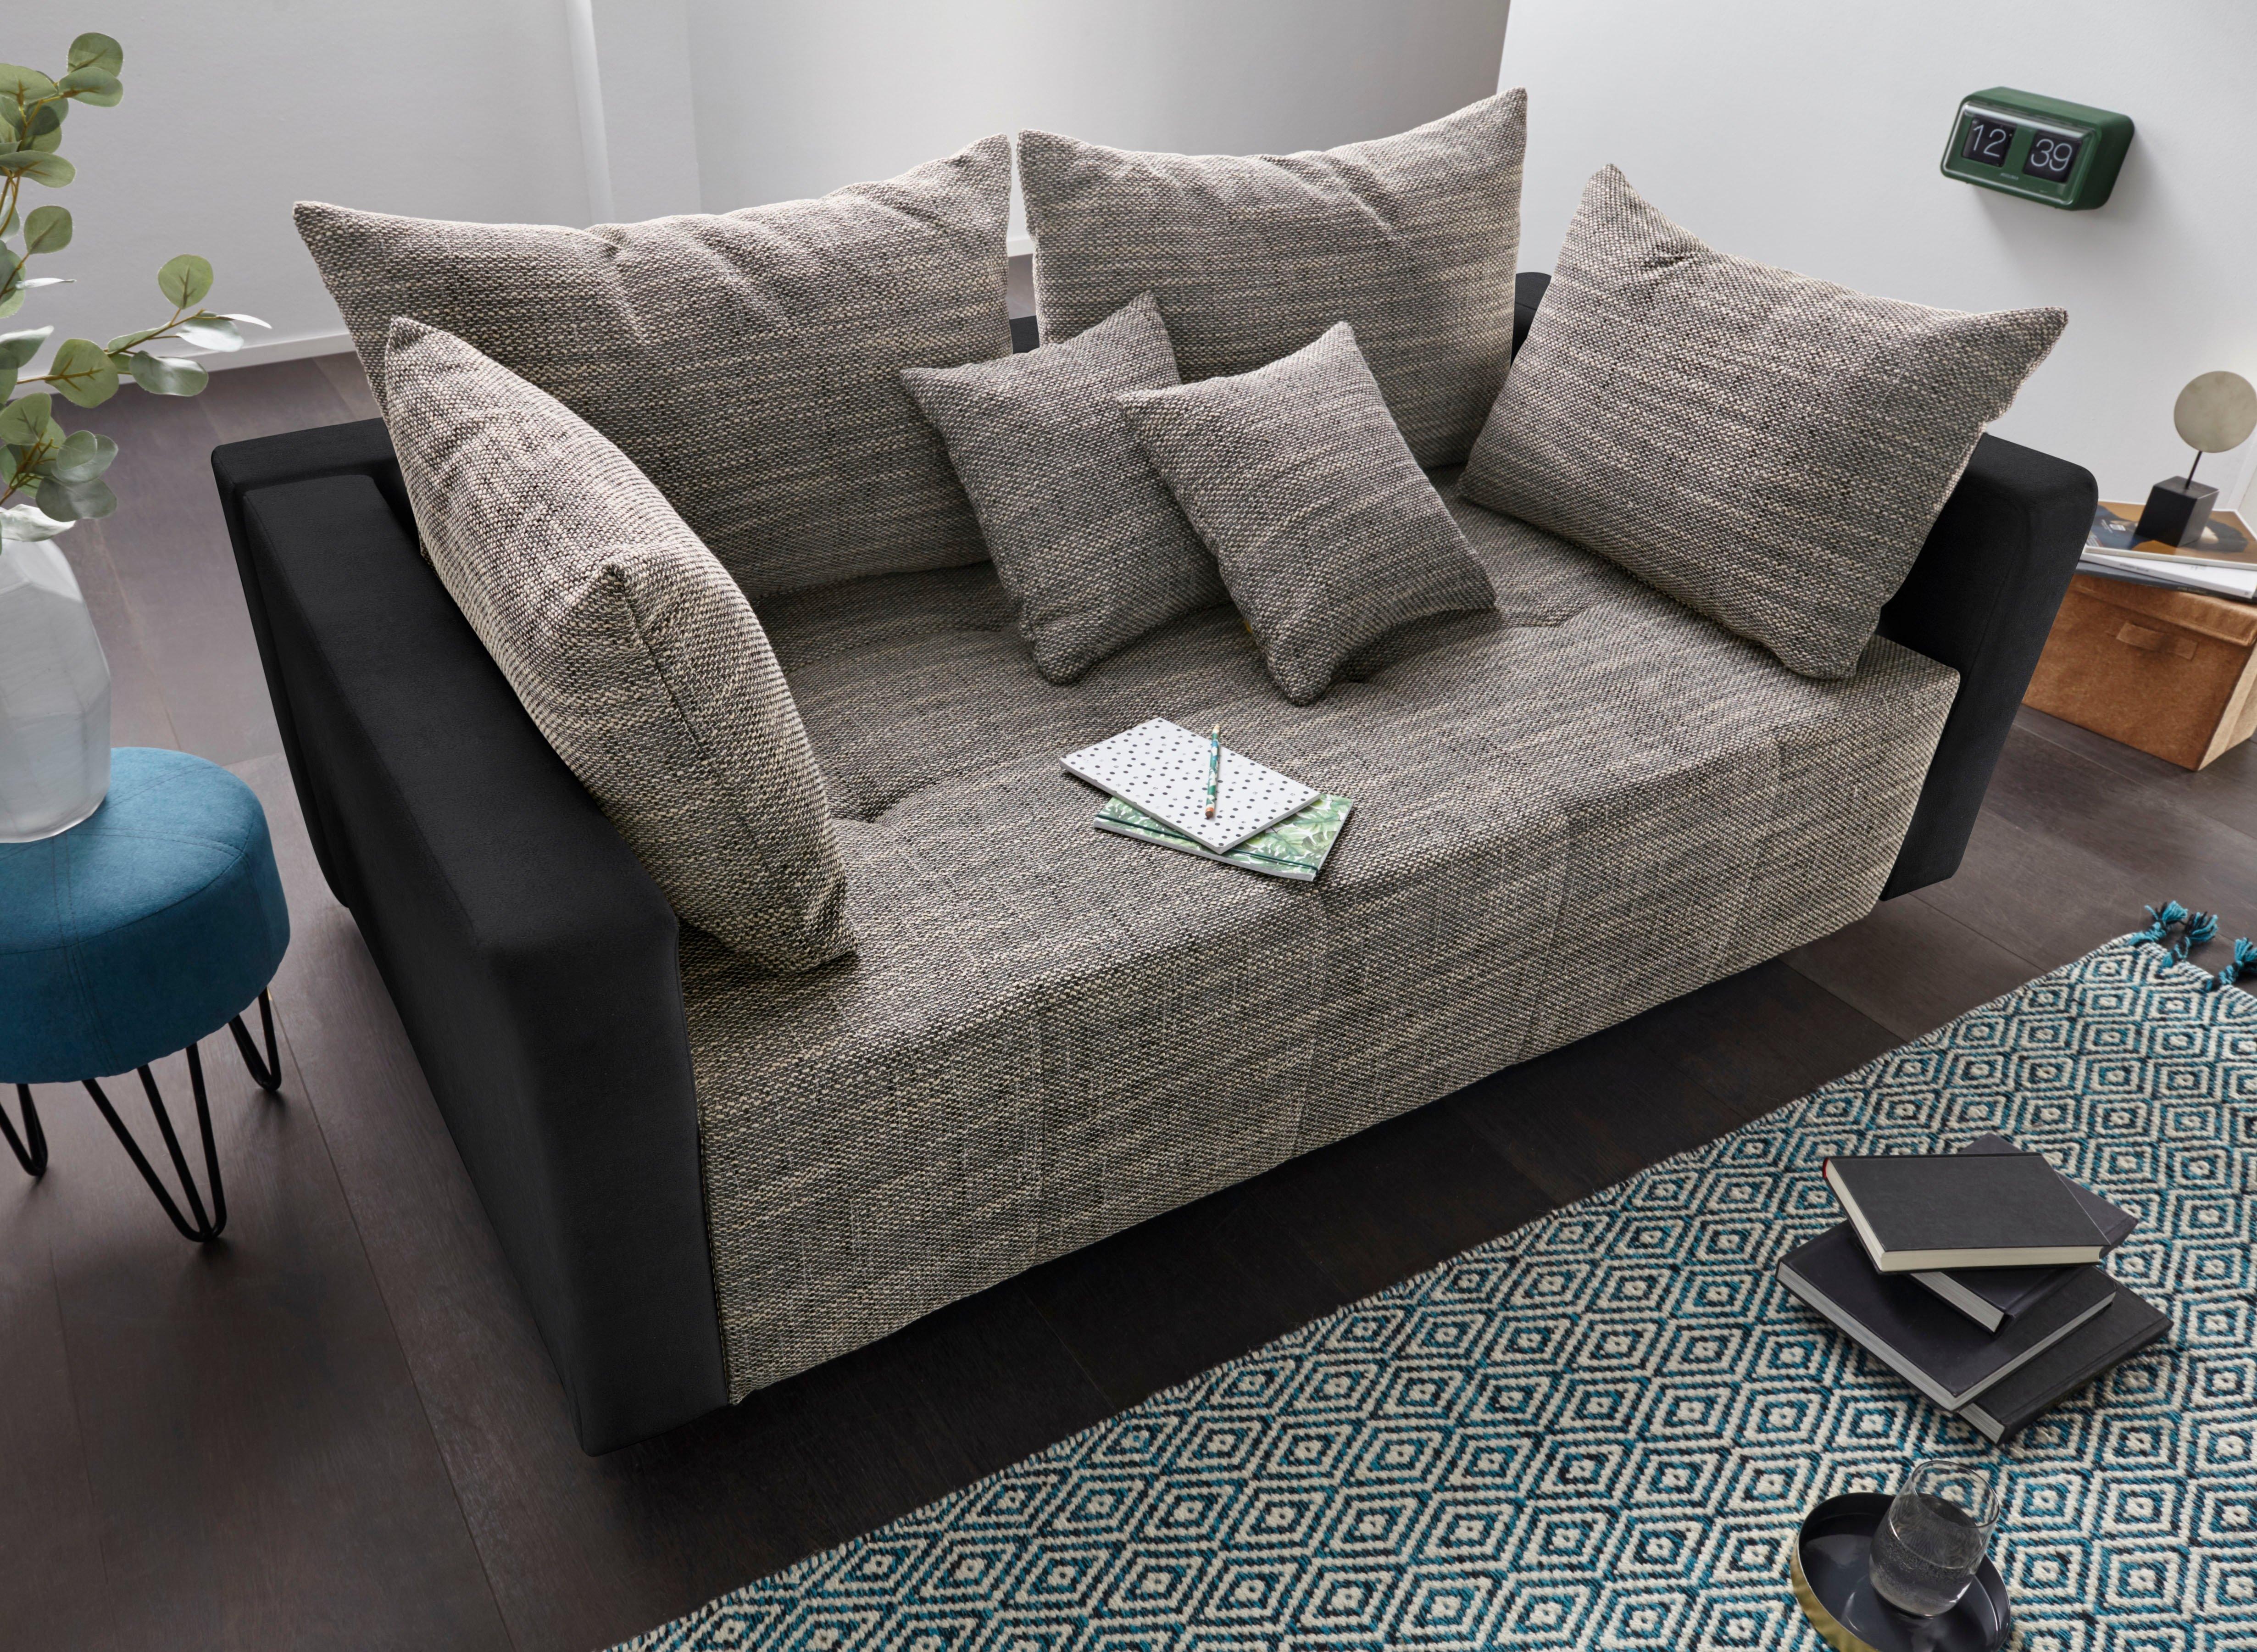 COLLECTION AB bedbank met slaapfunctie en bedkist, vrij plaatsbaar online kopen op otto.nl